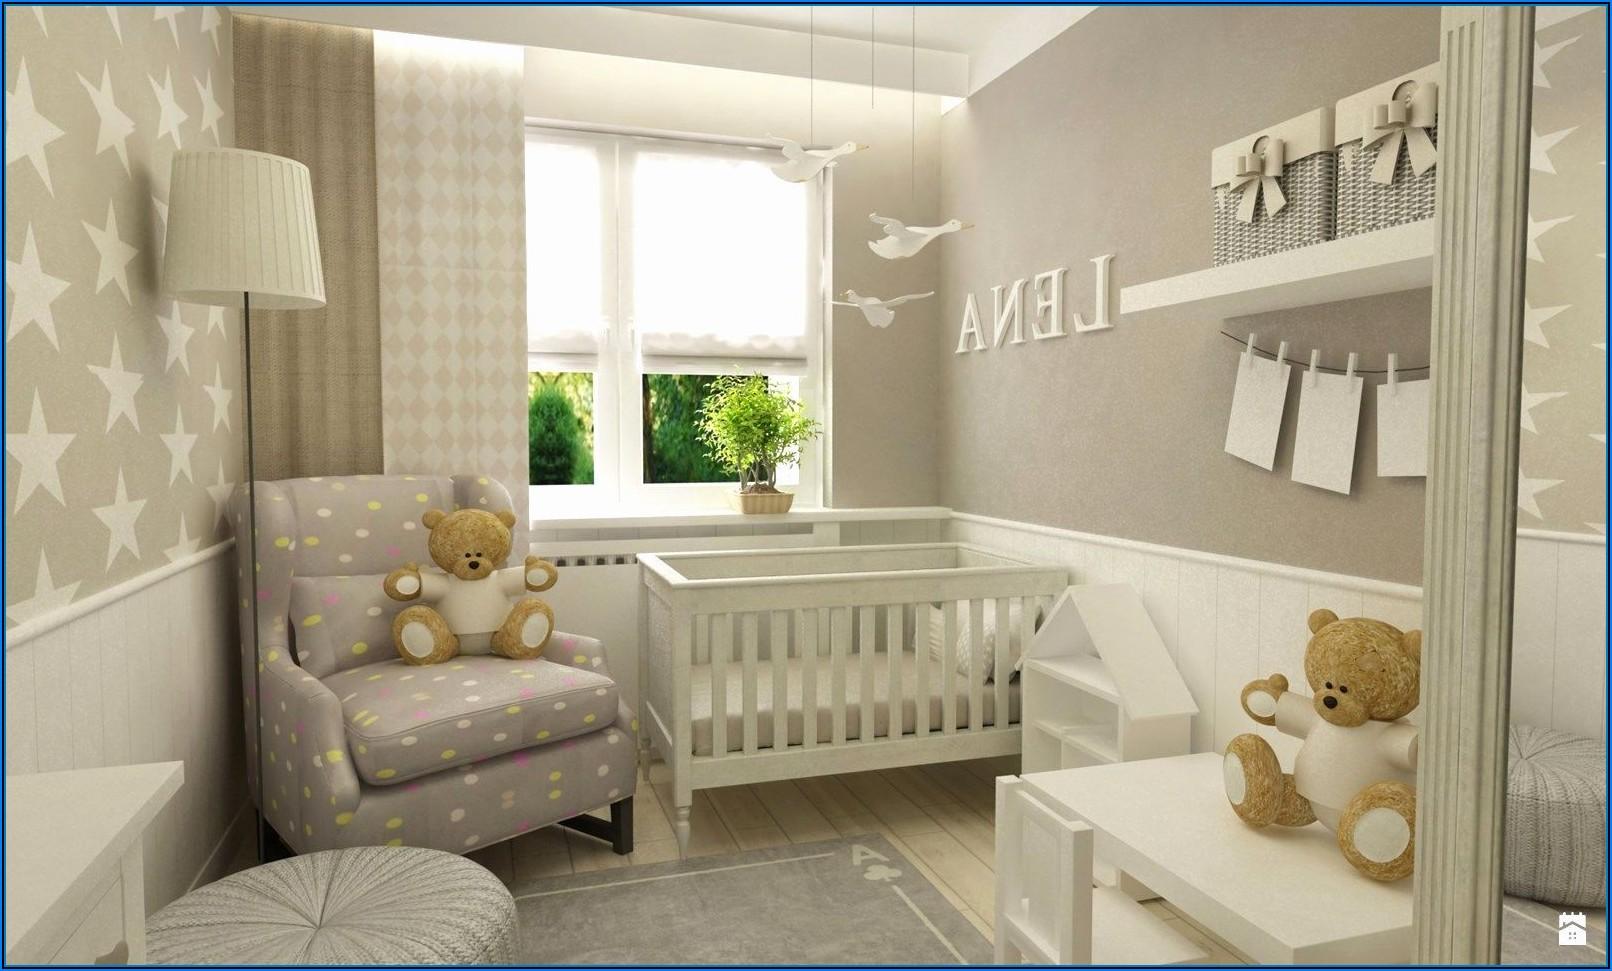 Kinderzimmer Wandgestaltung Selber Machen